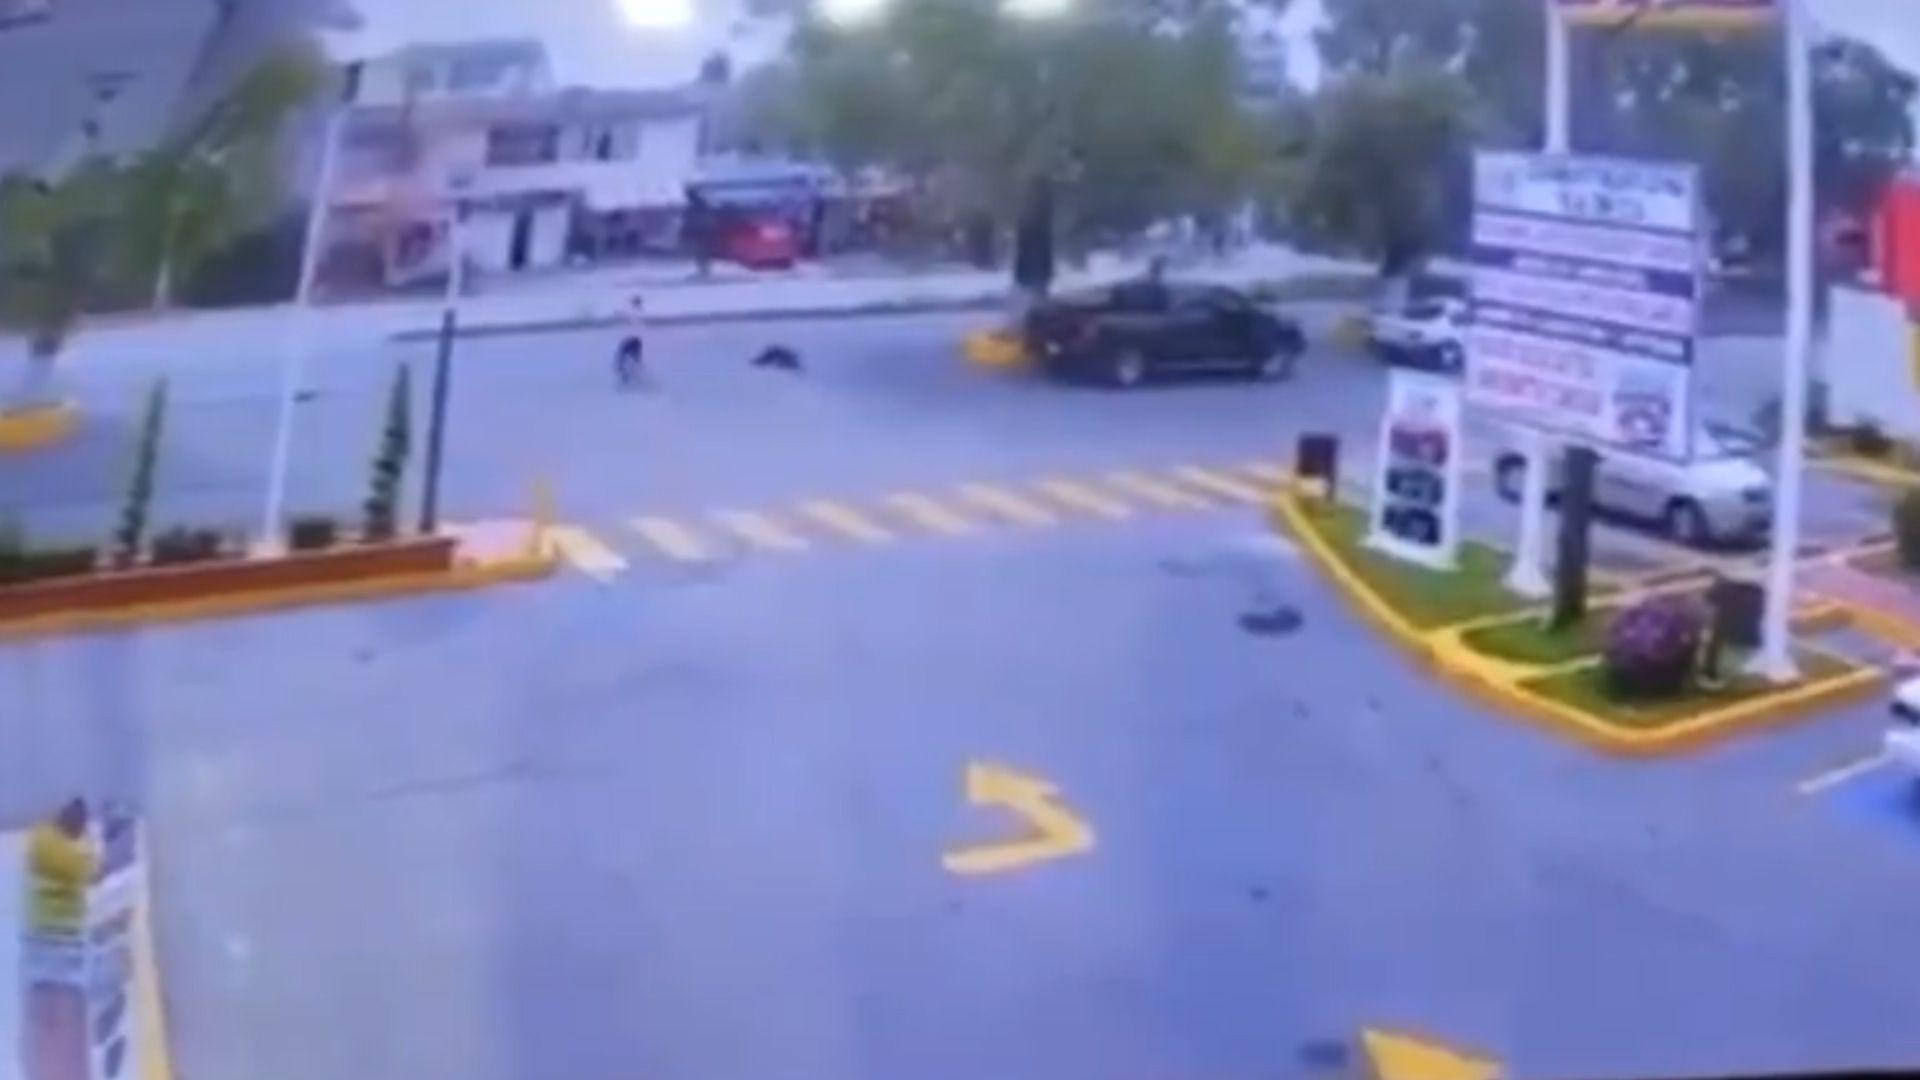 En días recientes, un par de casos en que las víctimas de le dispararon a sus asaltantes resonaron en los medios. El caso de la imagen sucedió en el Estado de México. (Foto: Captura de patalla)